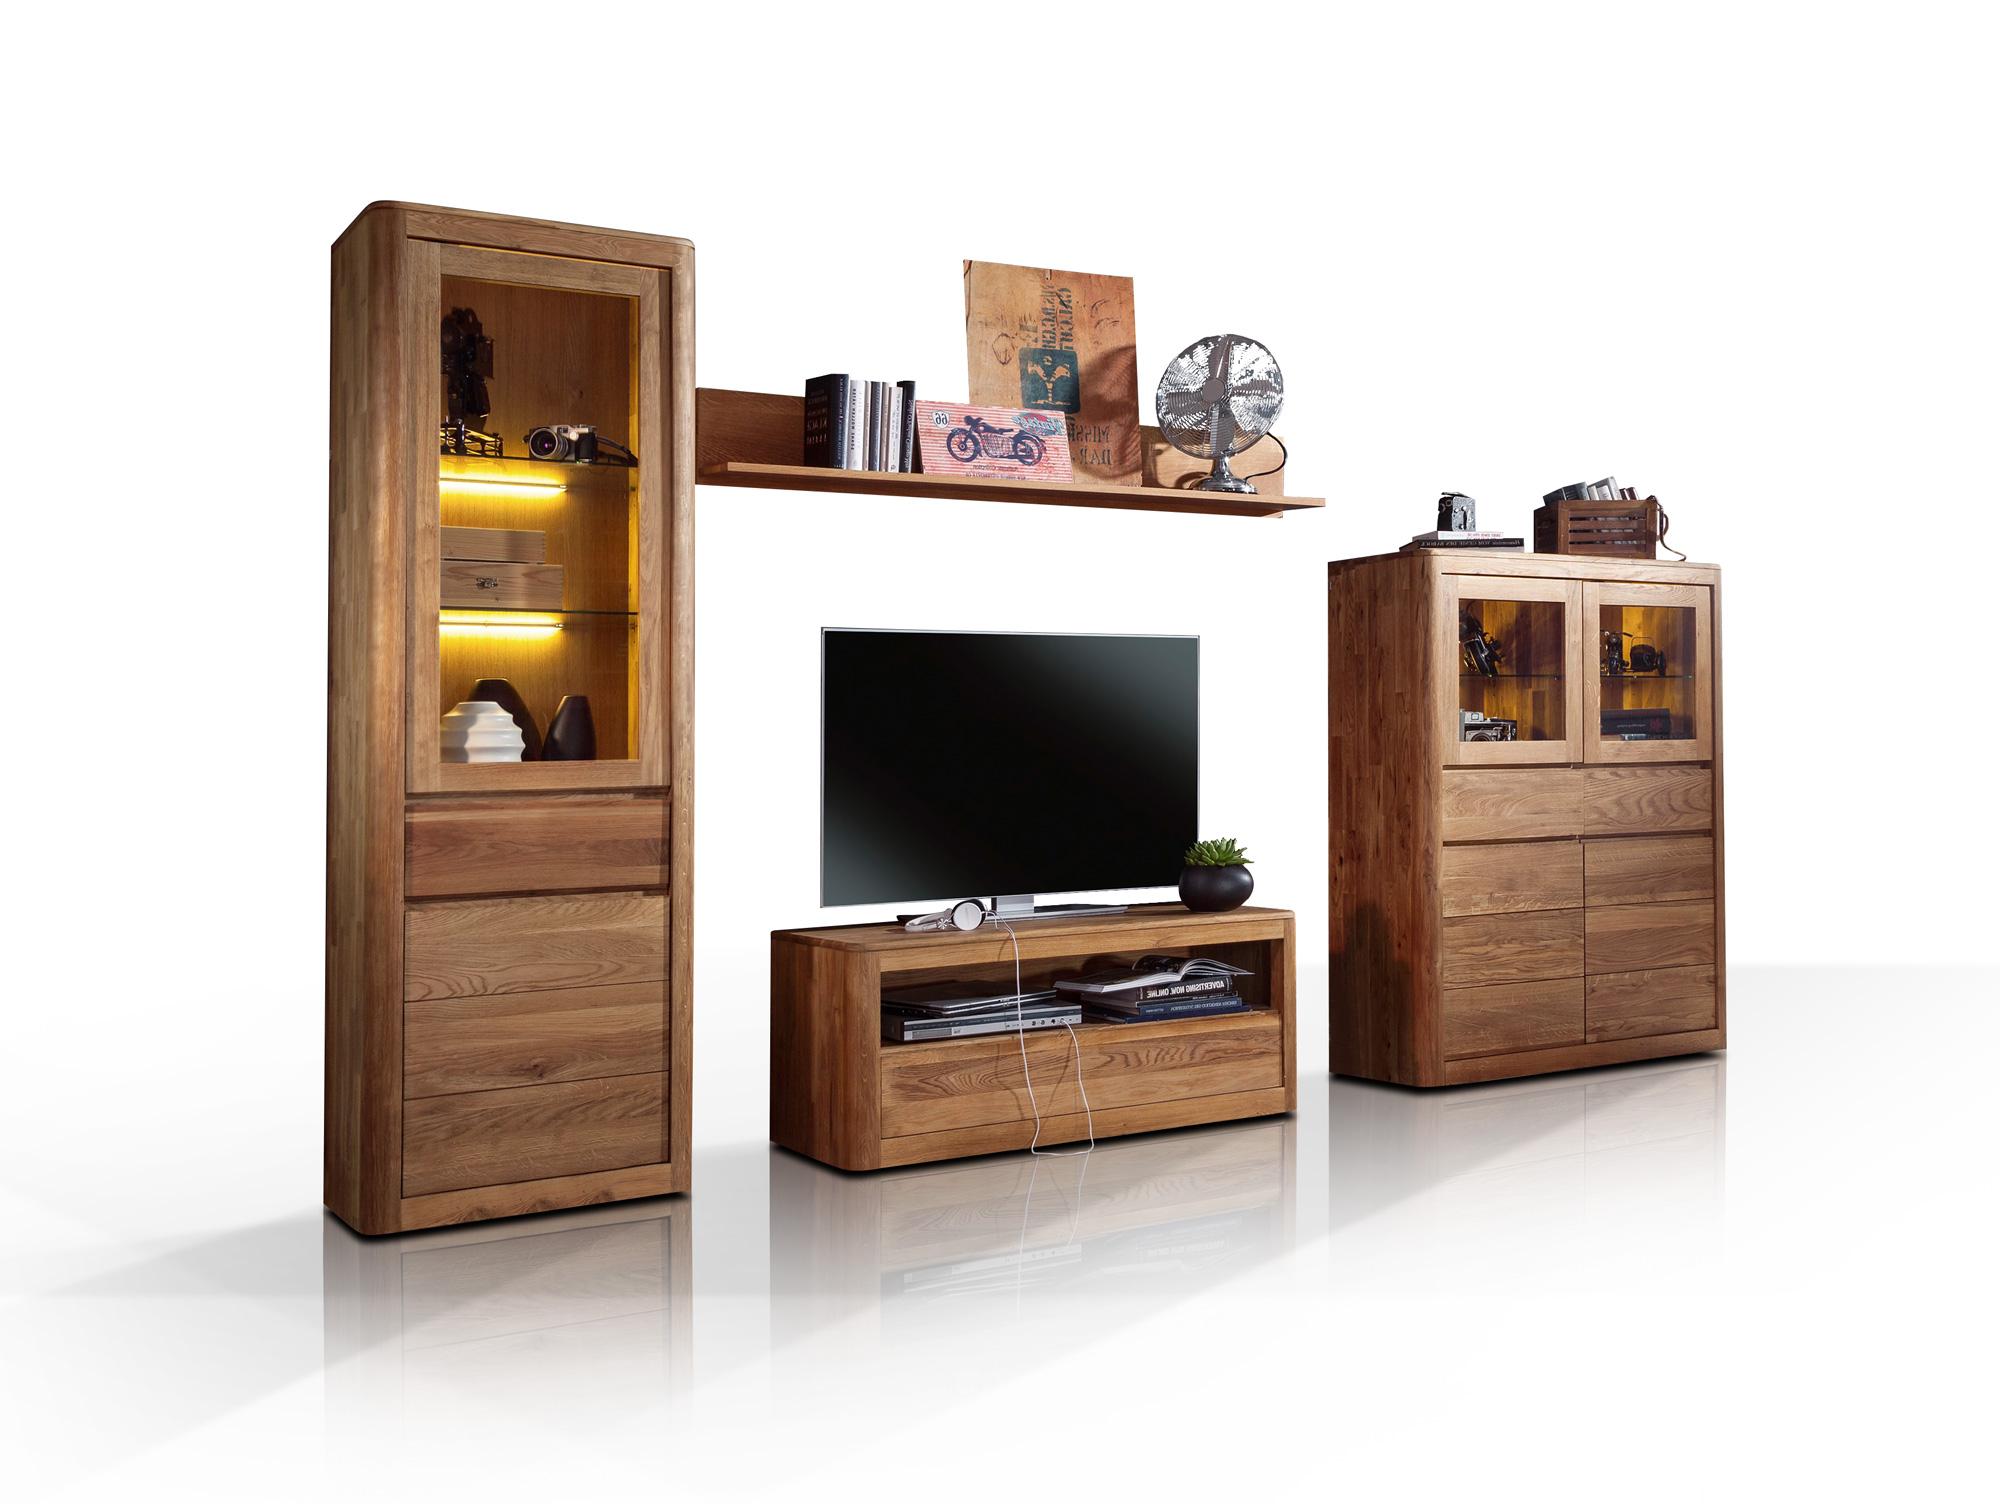 astoria wohnwand wildeiche massiv ge lt. Black Bedroom Furniture Sets. Home Design Ideas